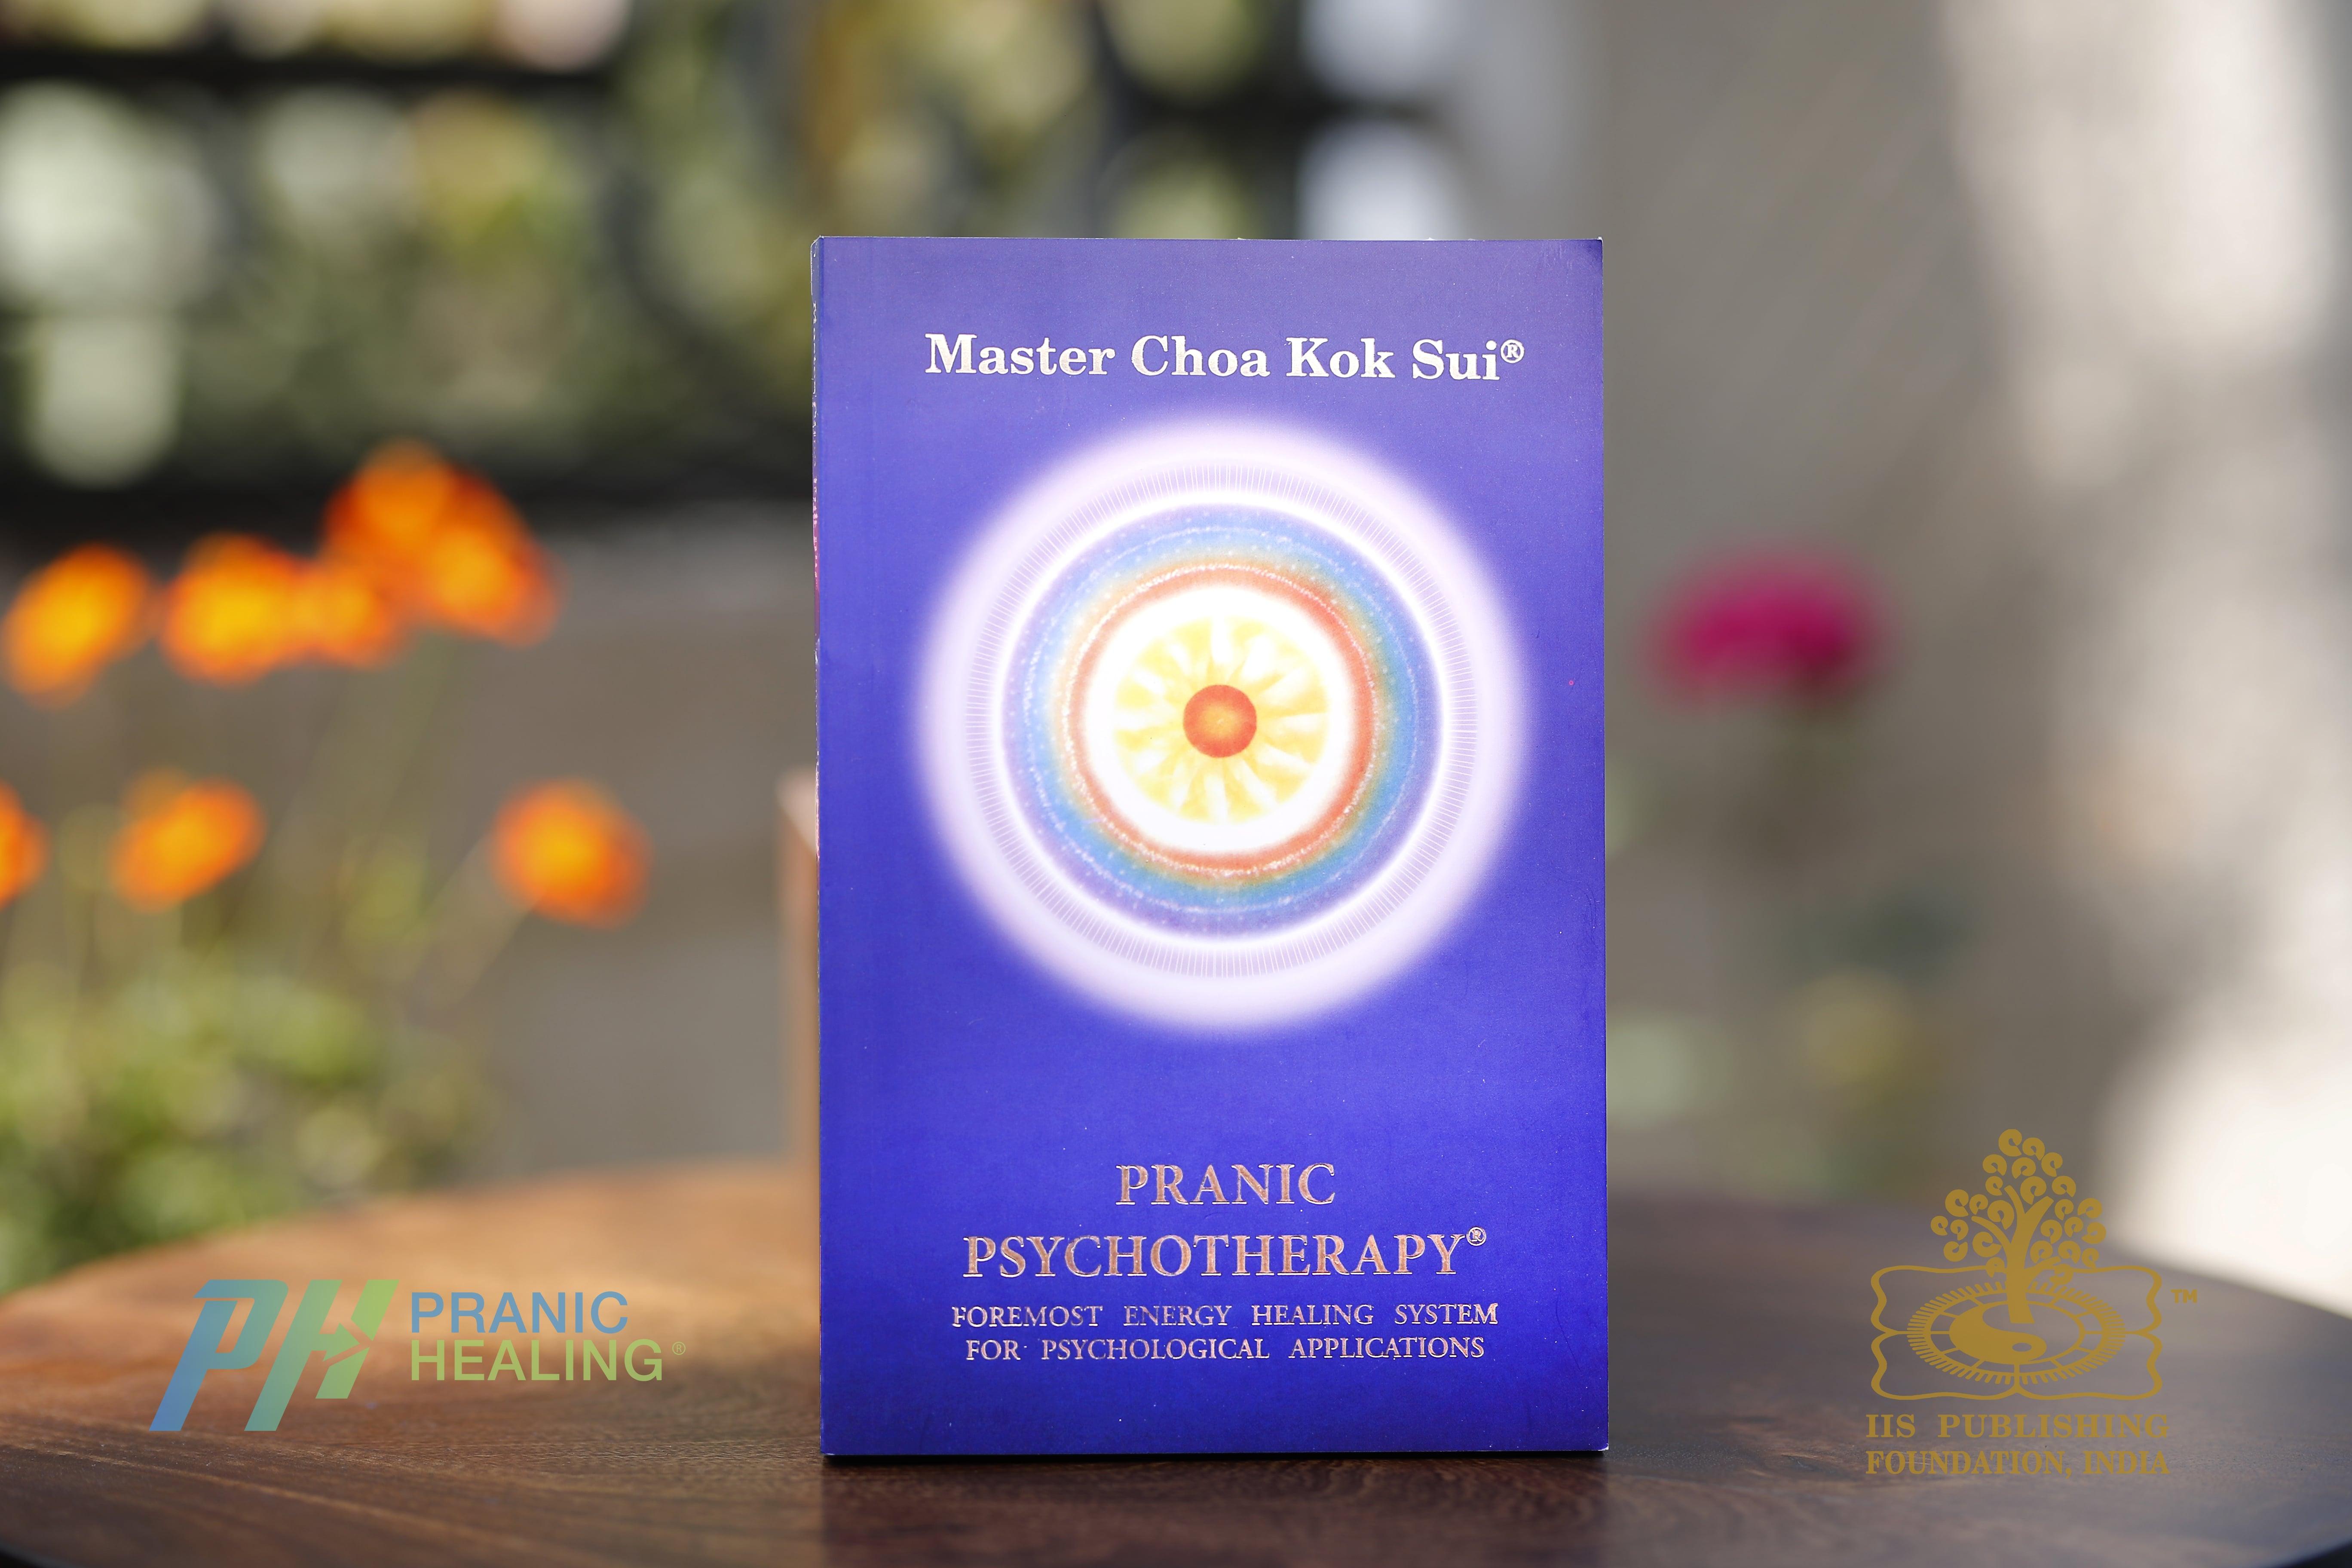 https://shop.pranichealingmumbai.com/products/pranic-psychotherapy-english